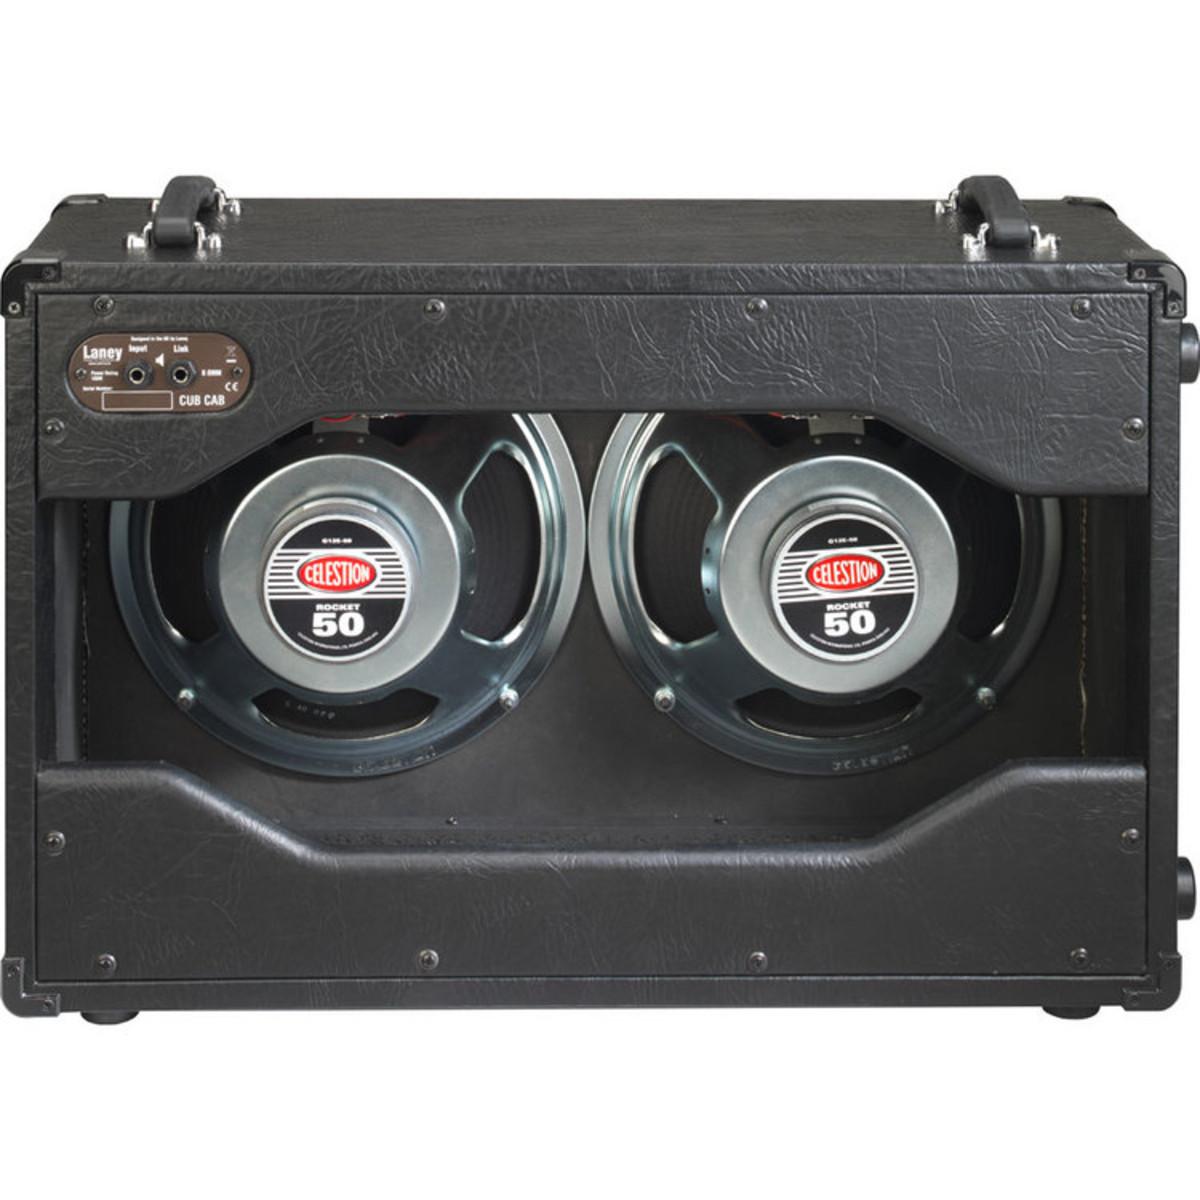 laney cub cab tube guitar speaker cabinet at. Black Bedroom Furniture Sets. Home Design Ideas